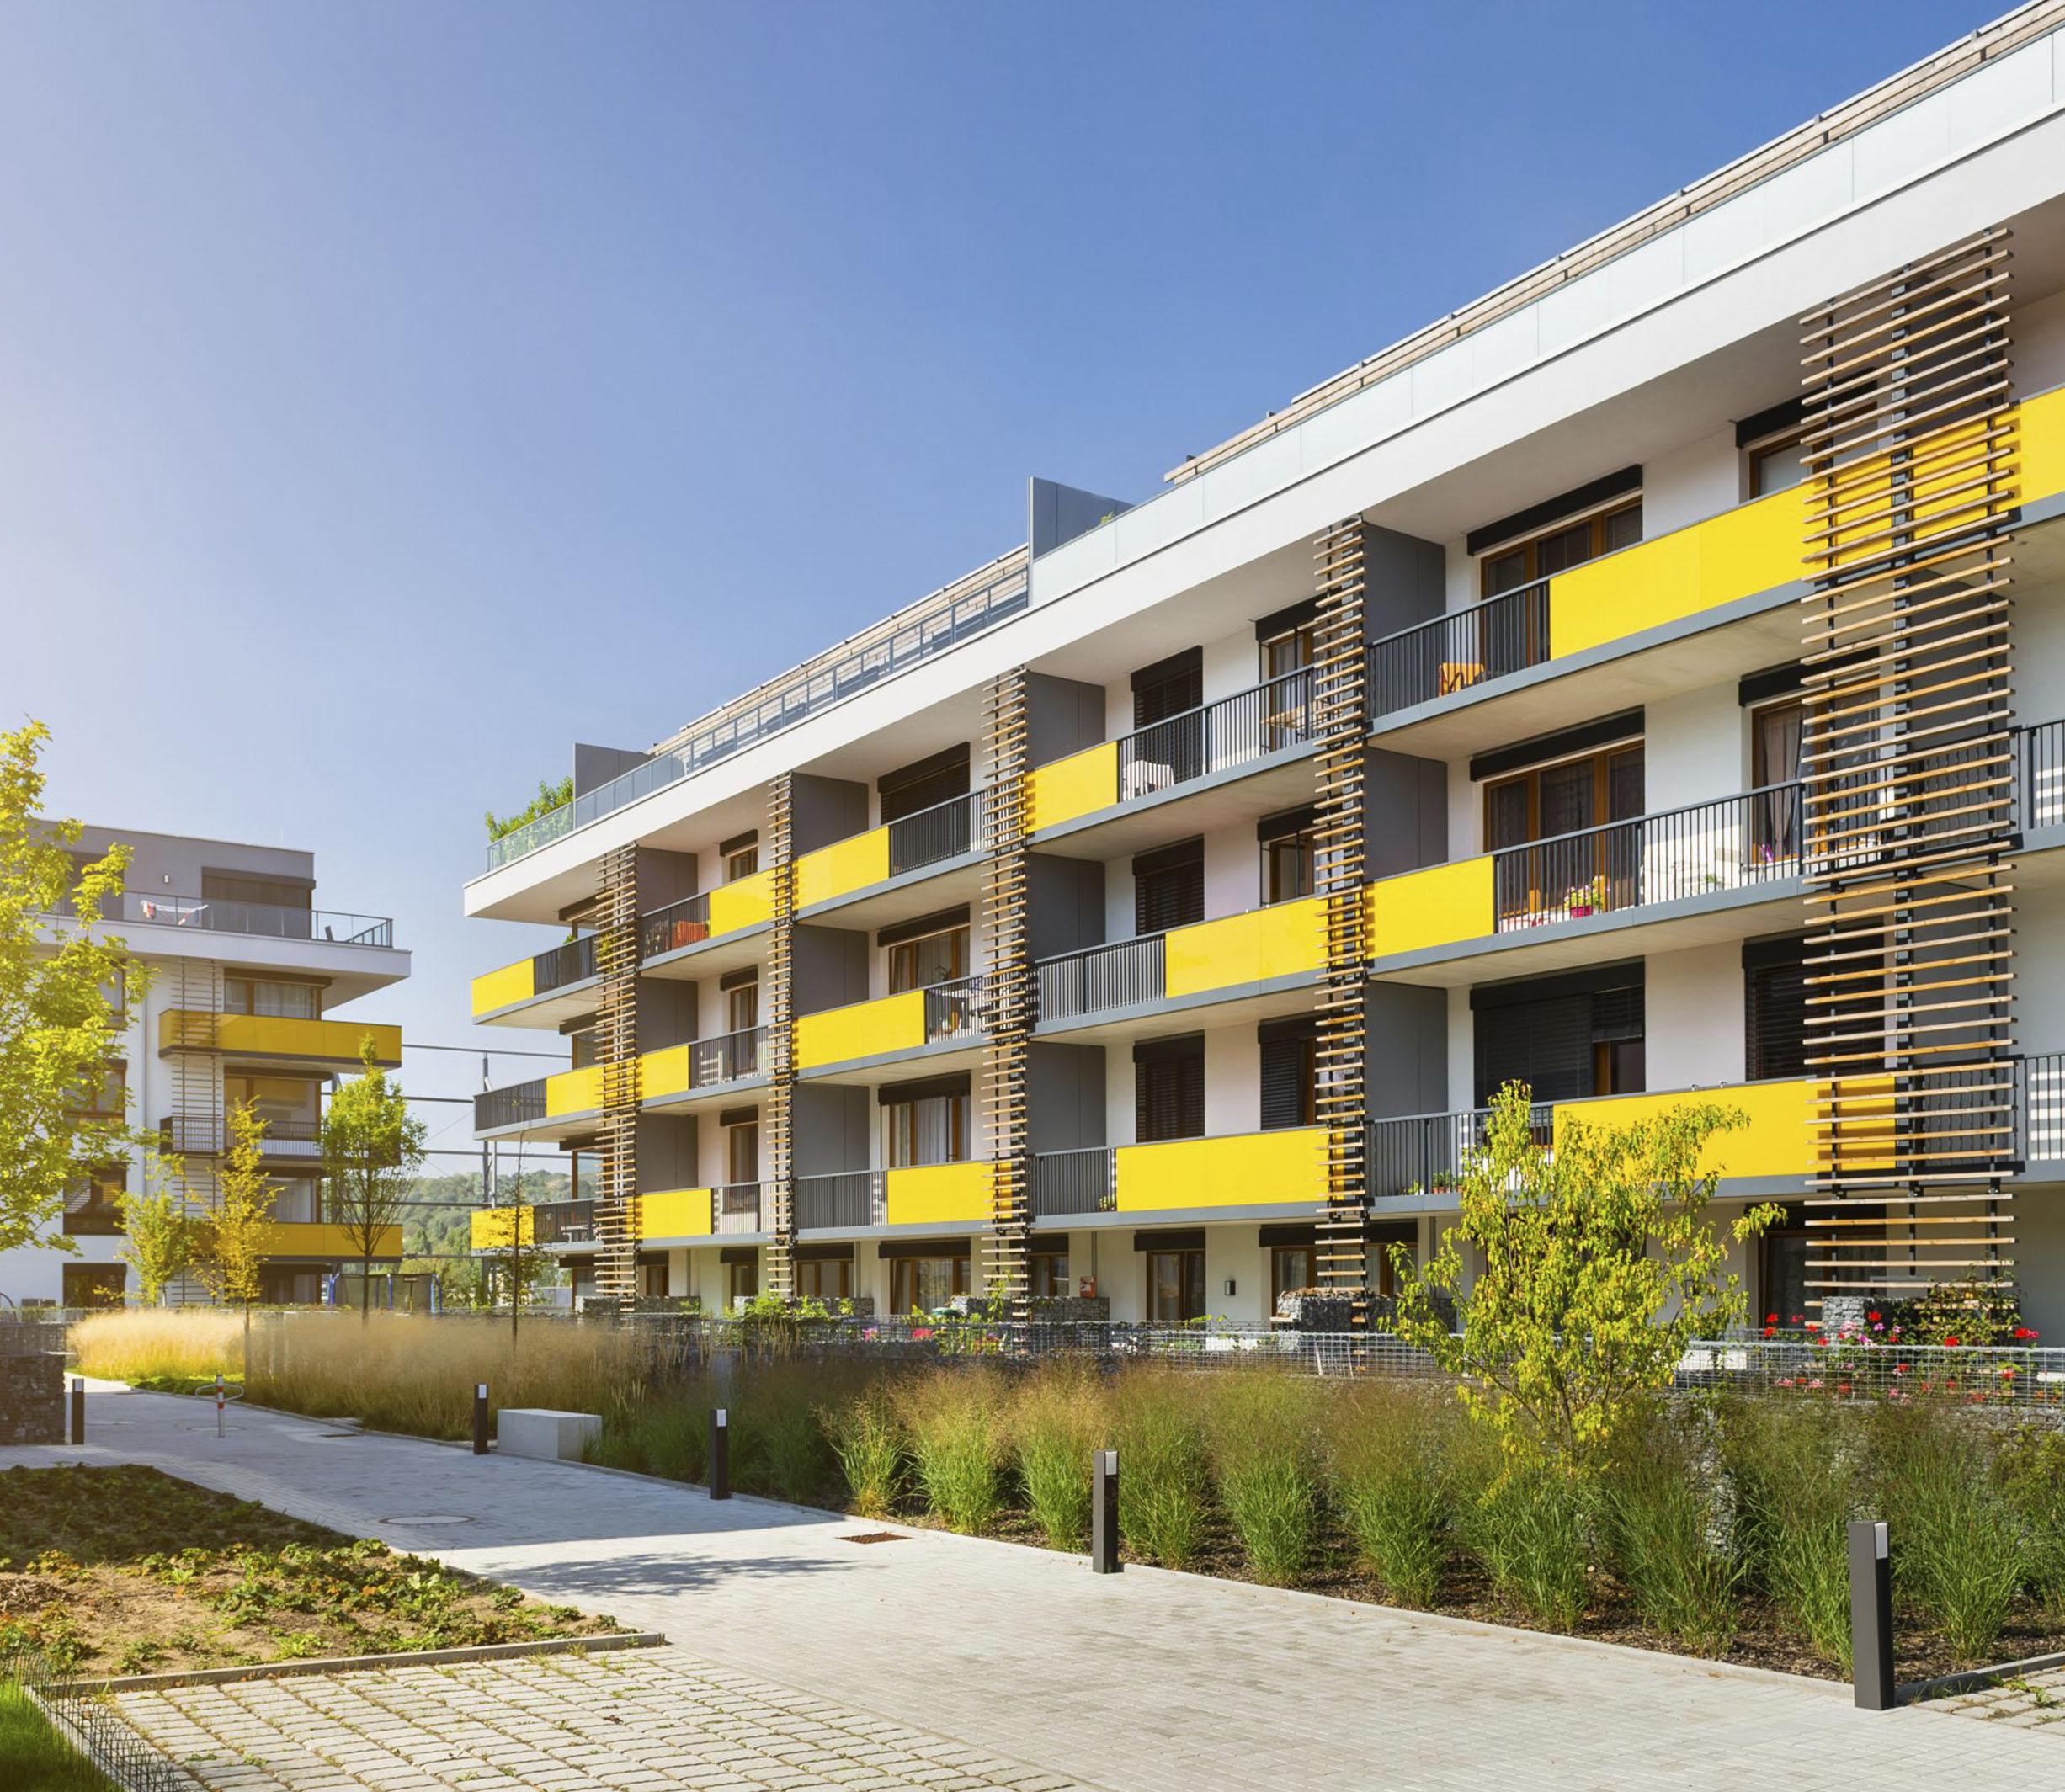 High-rise apartment